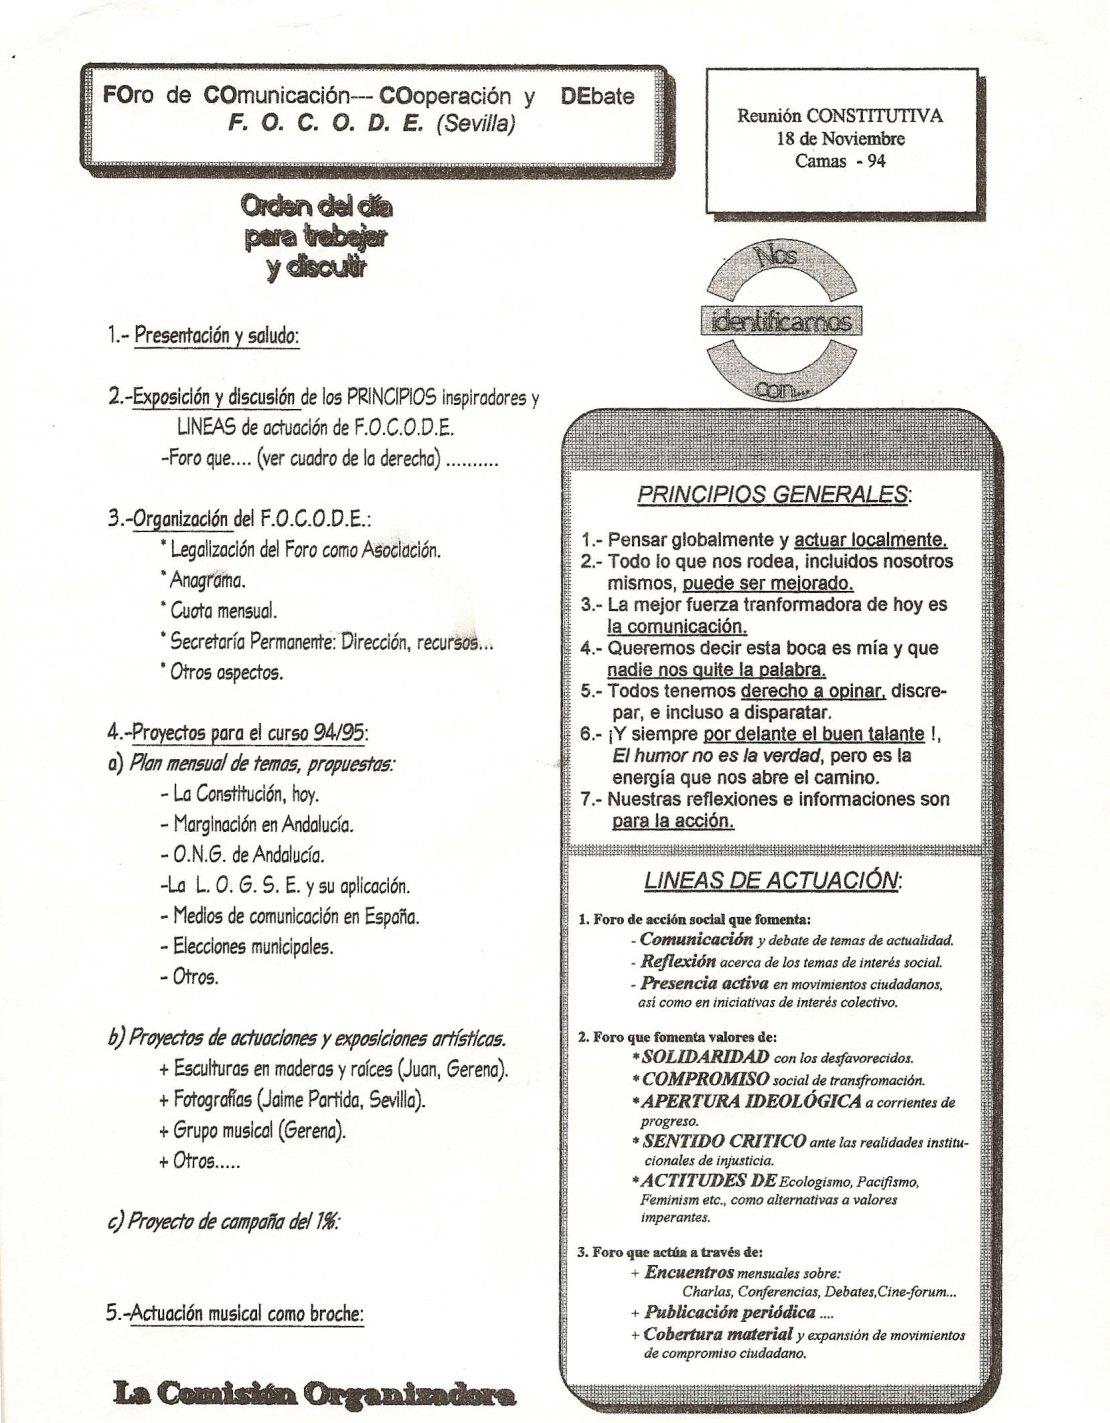 Orden del Día de la Reunión de constitución del FOCODE.